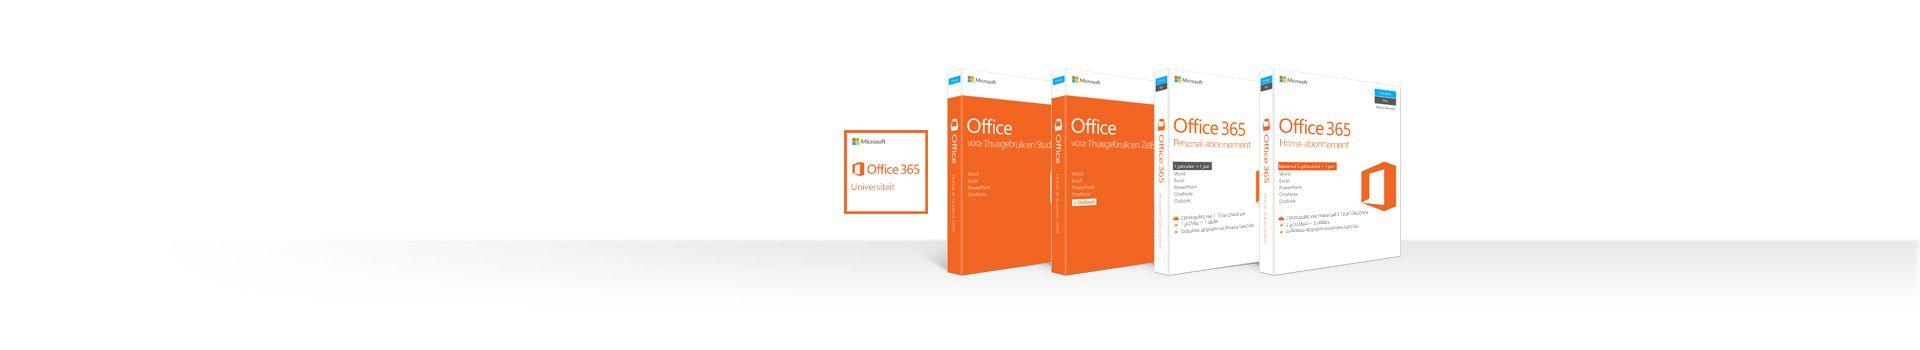 Een afbeelding van de Office-abonnementen en zelfstandige producten voor Mac